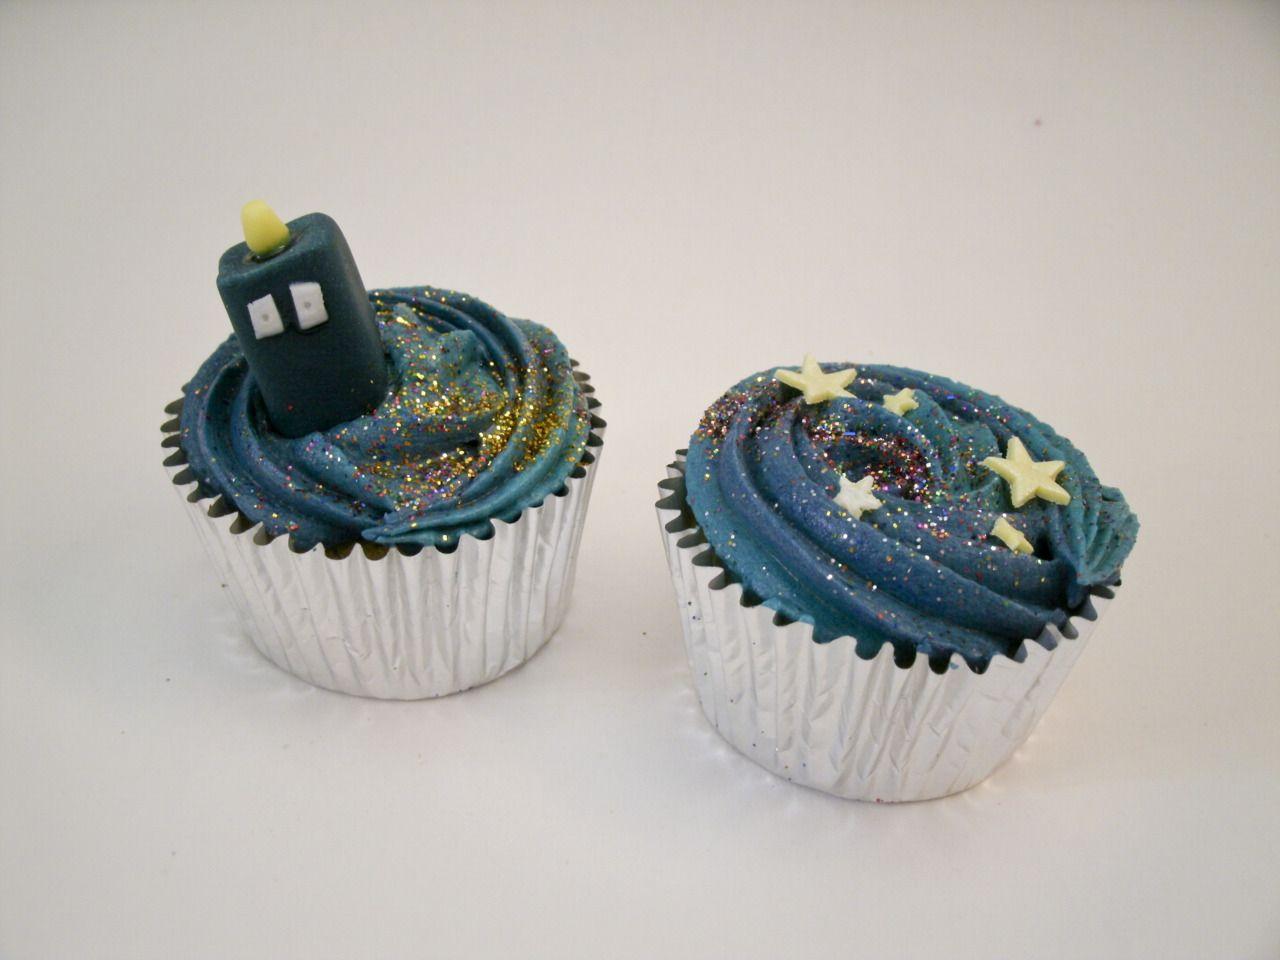 TARDIS cupcakes! Eep!